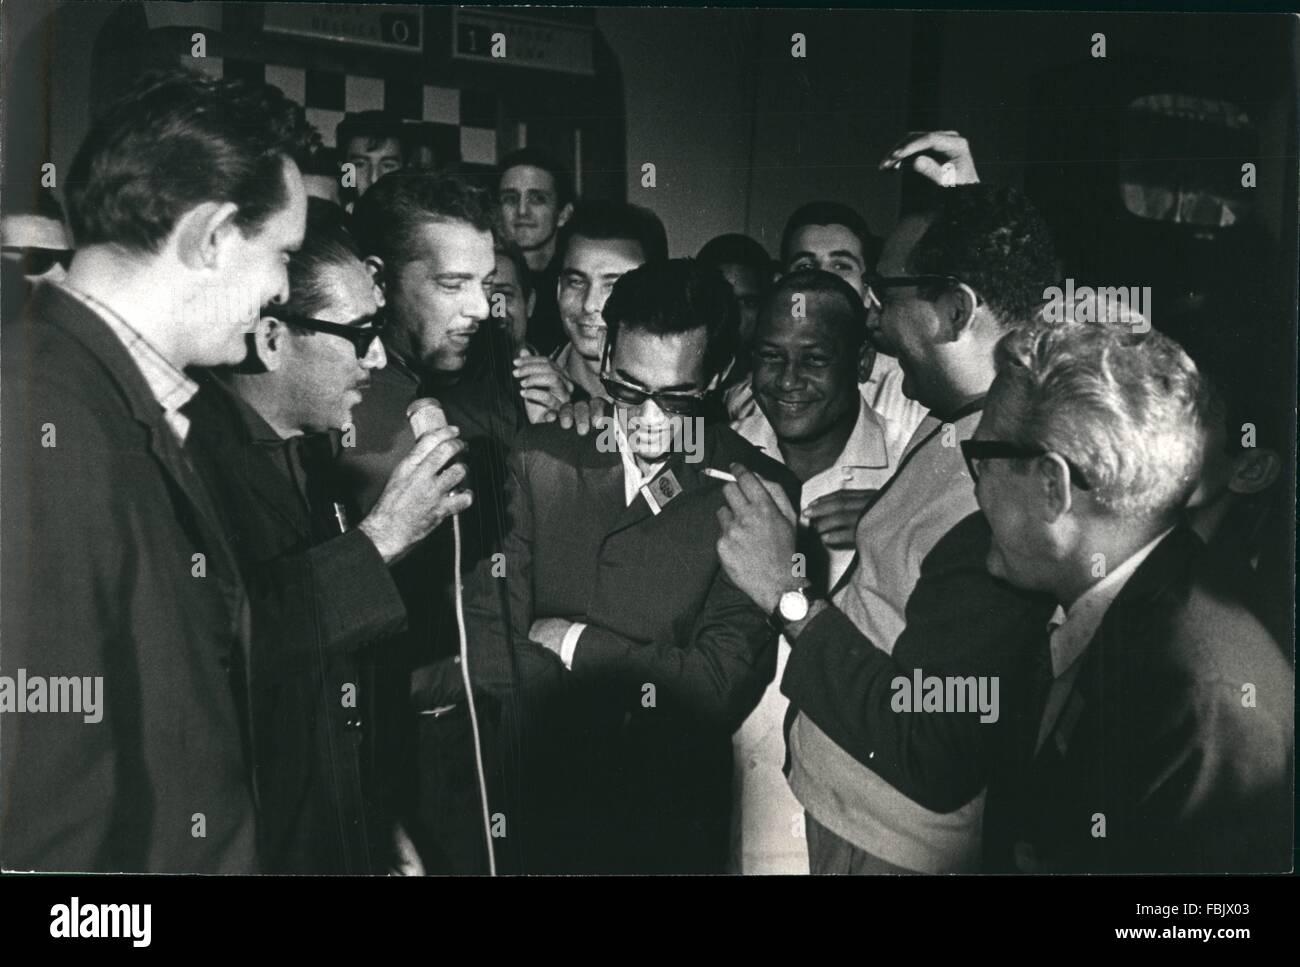 1966 - XVII World Chess Olympics-Havana, Cub November 1966